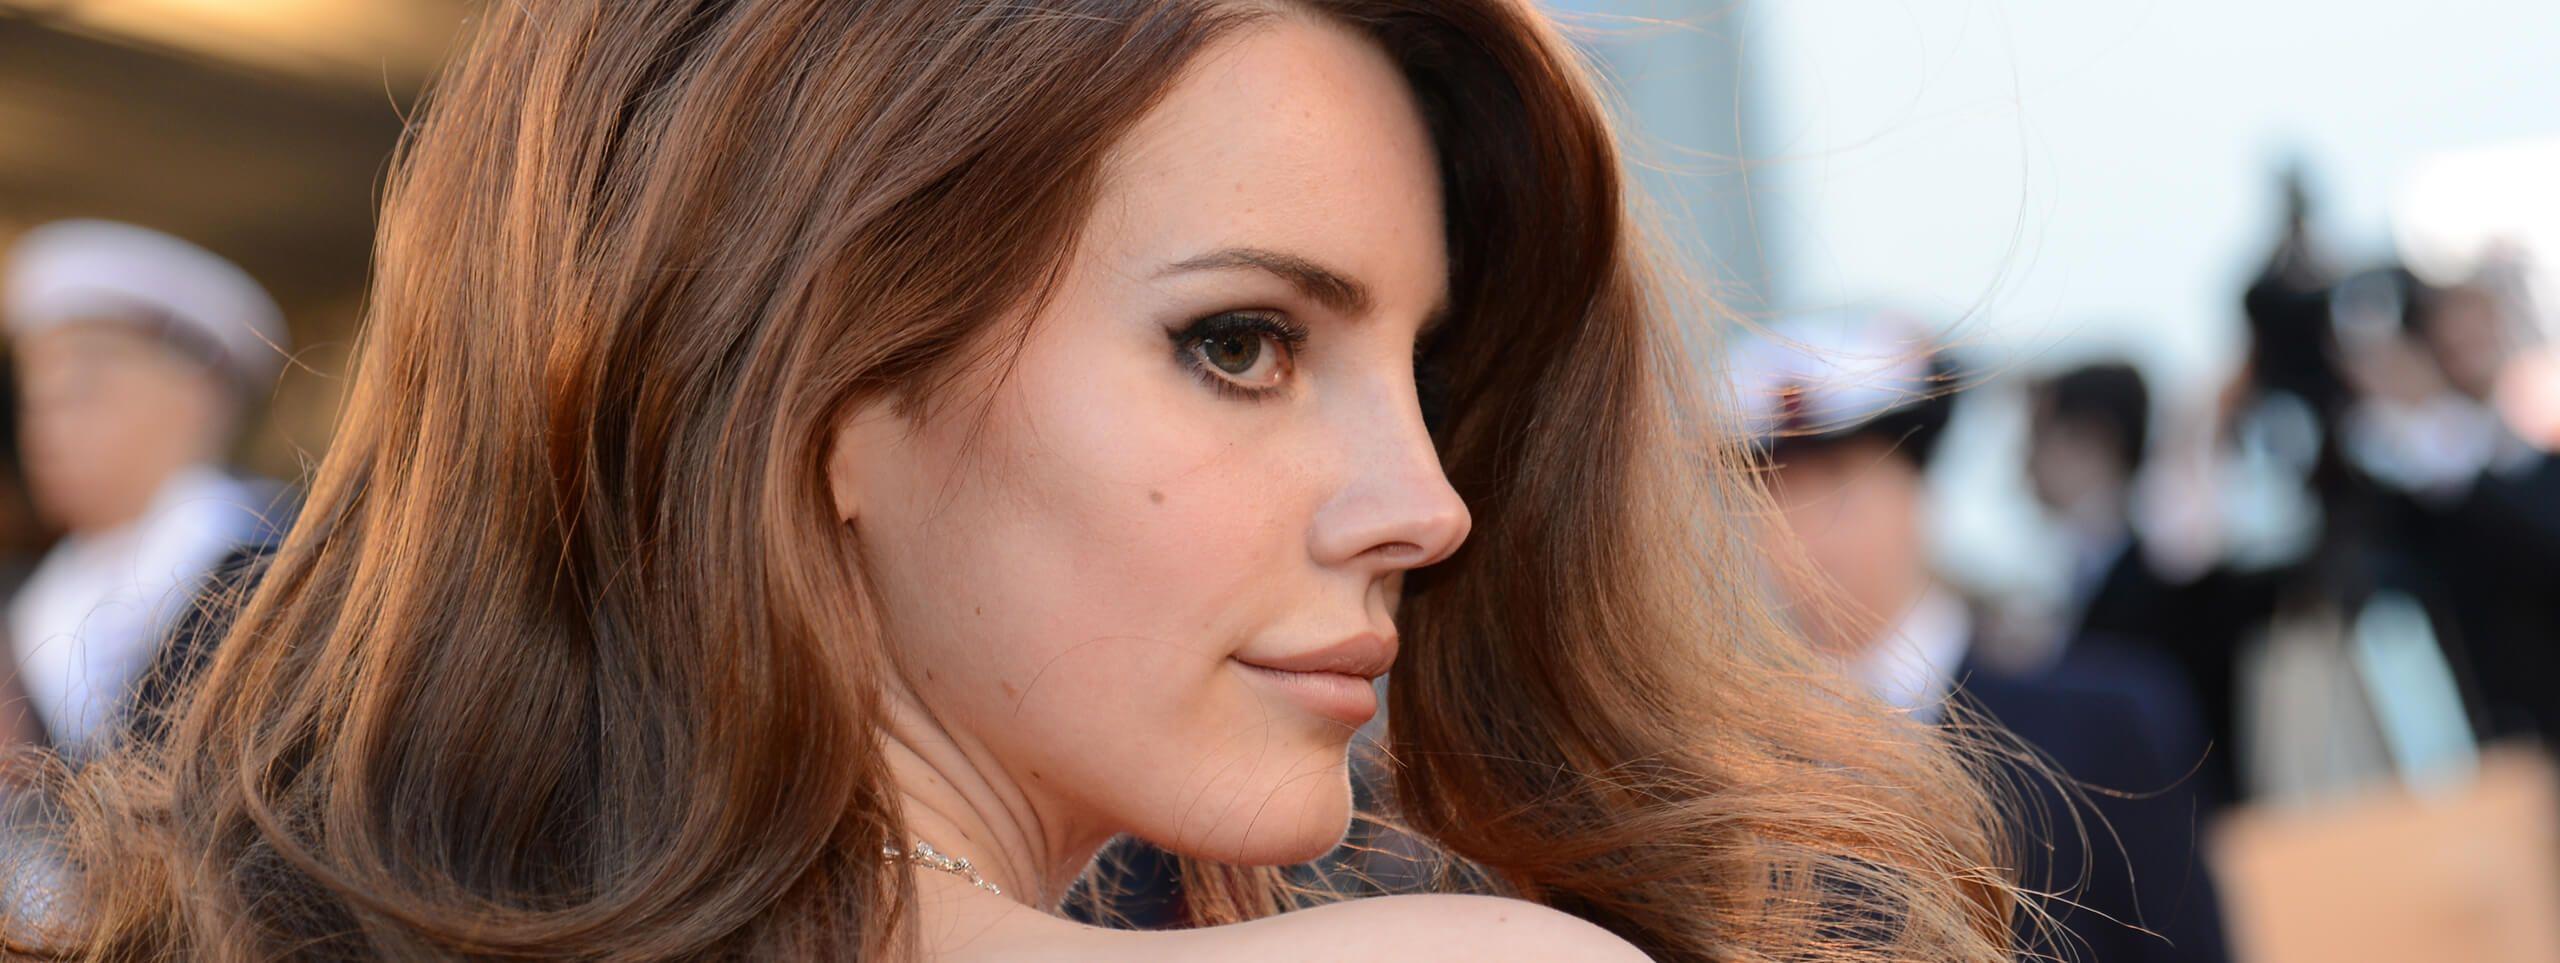 Lana Del Rey z rozpuszczonymi włosami w odcieniu ciemnego blondu